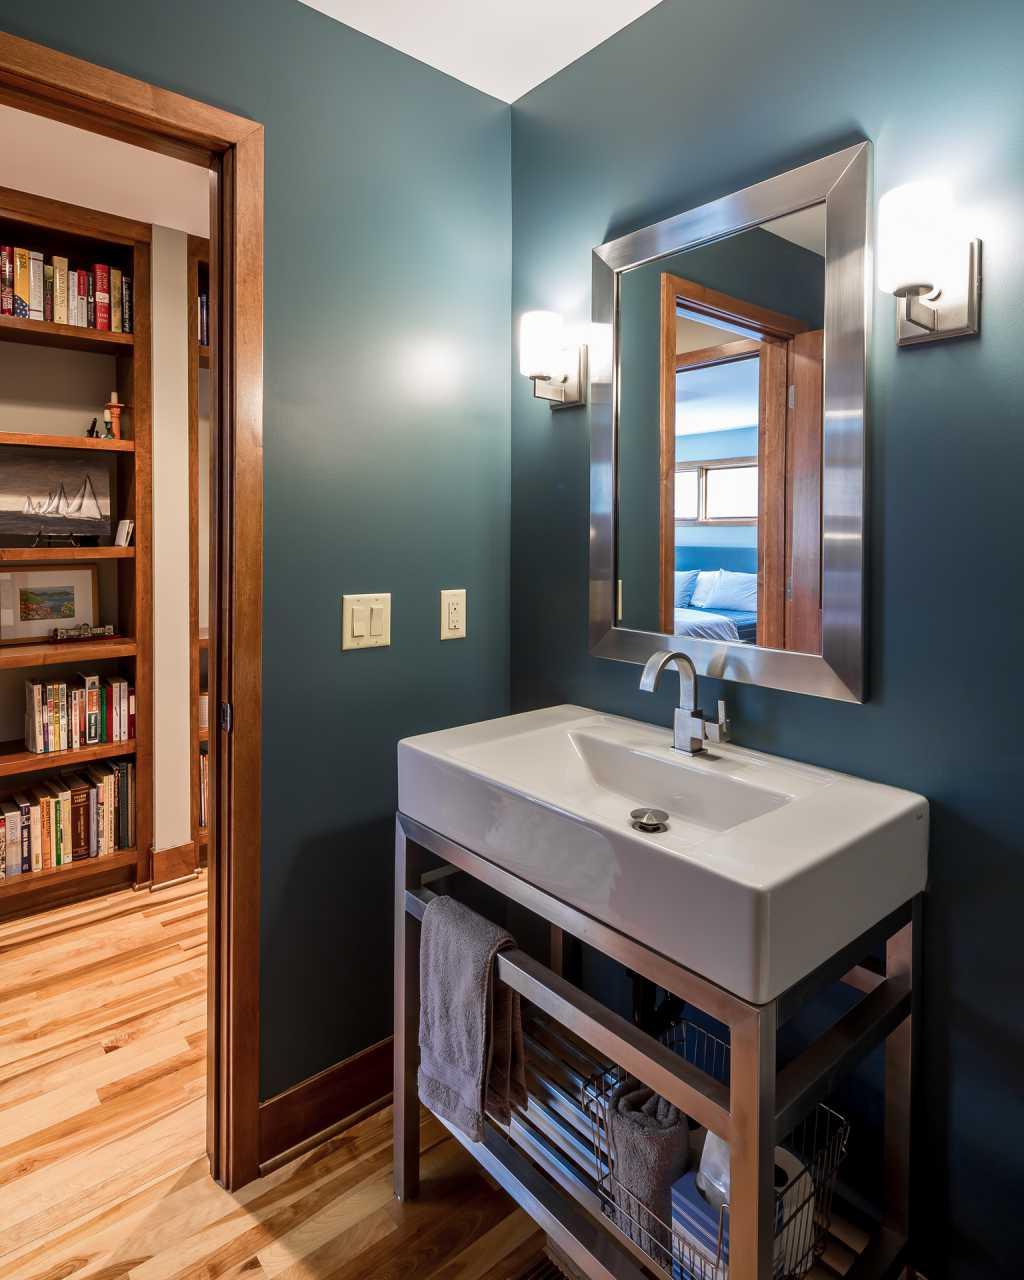 Banheiros pequenos: truques para otimizar espaços e decorar com  #A46227 1024 1280